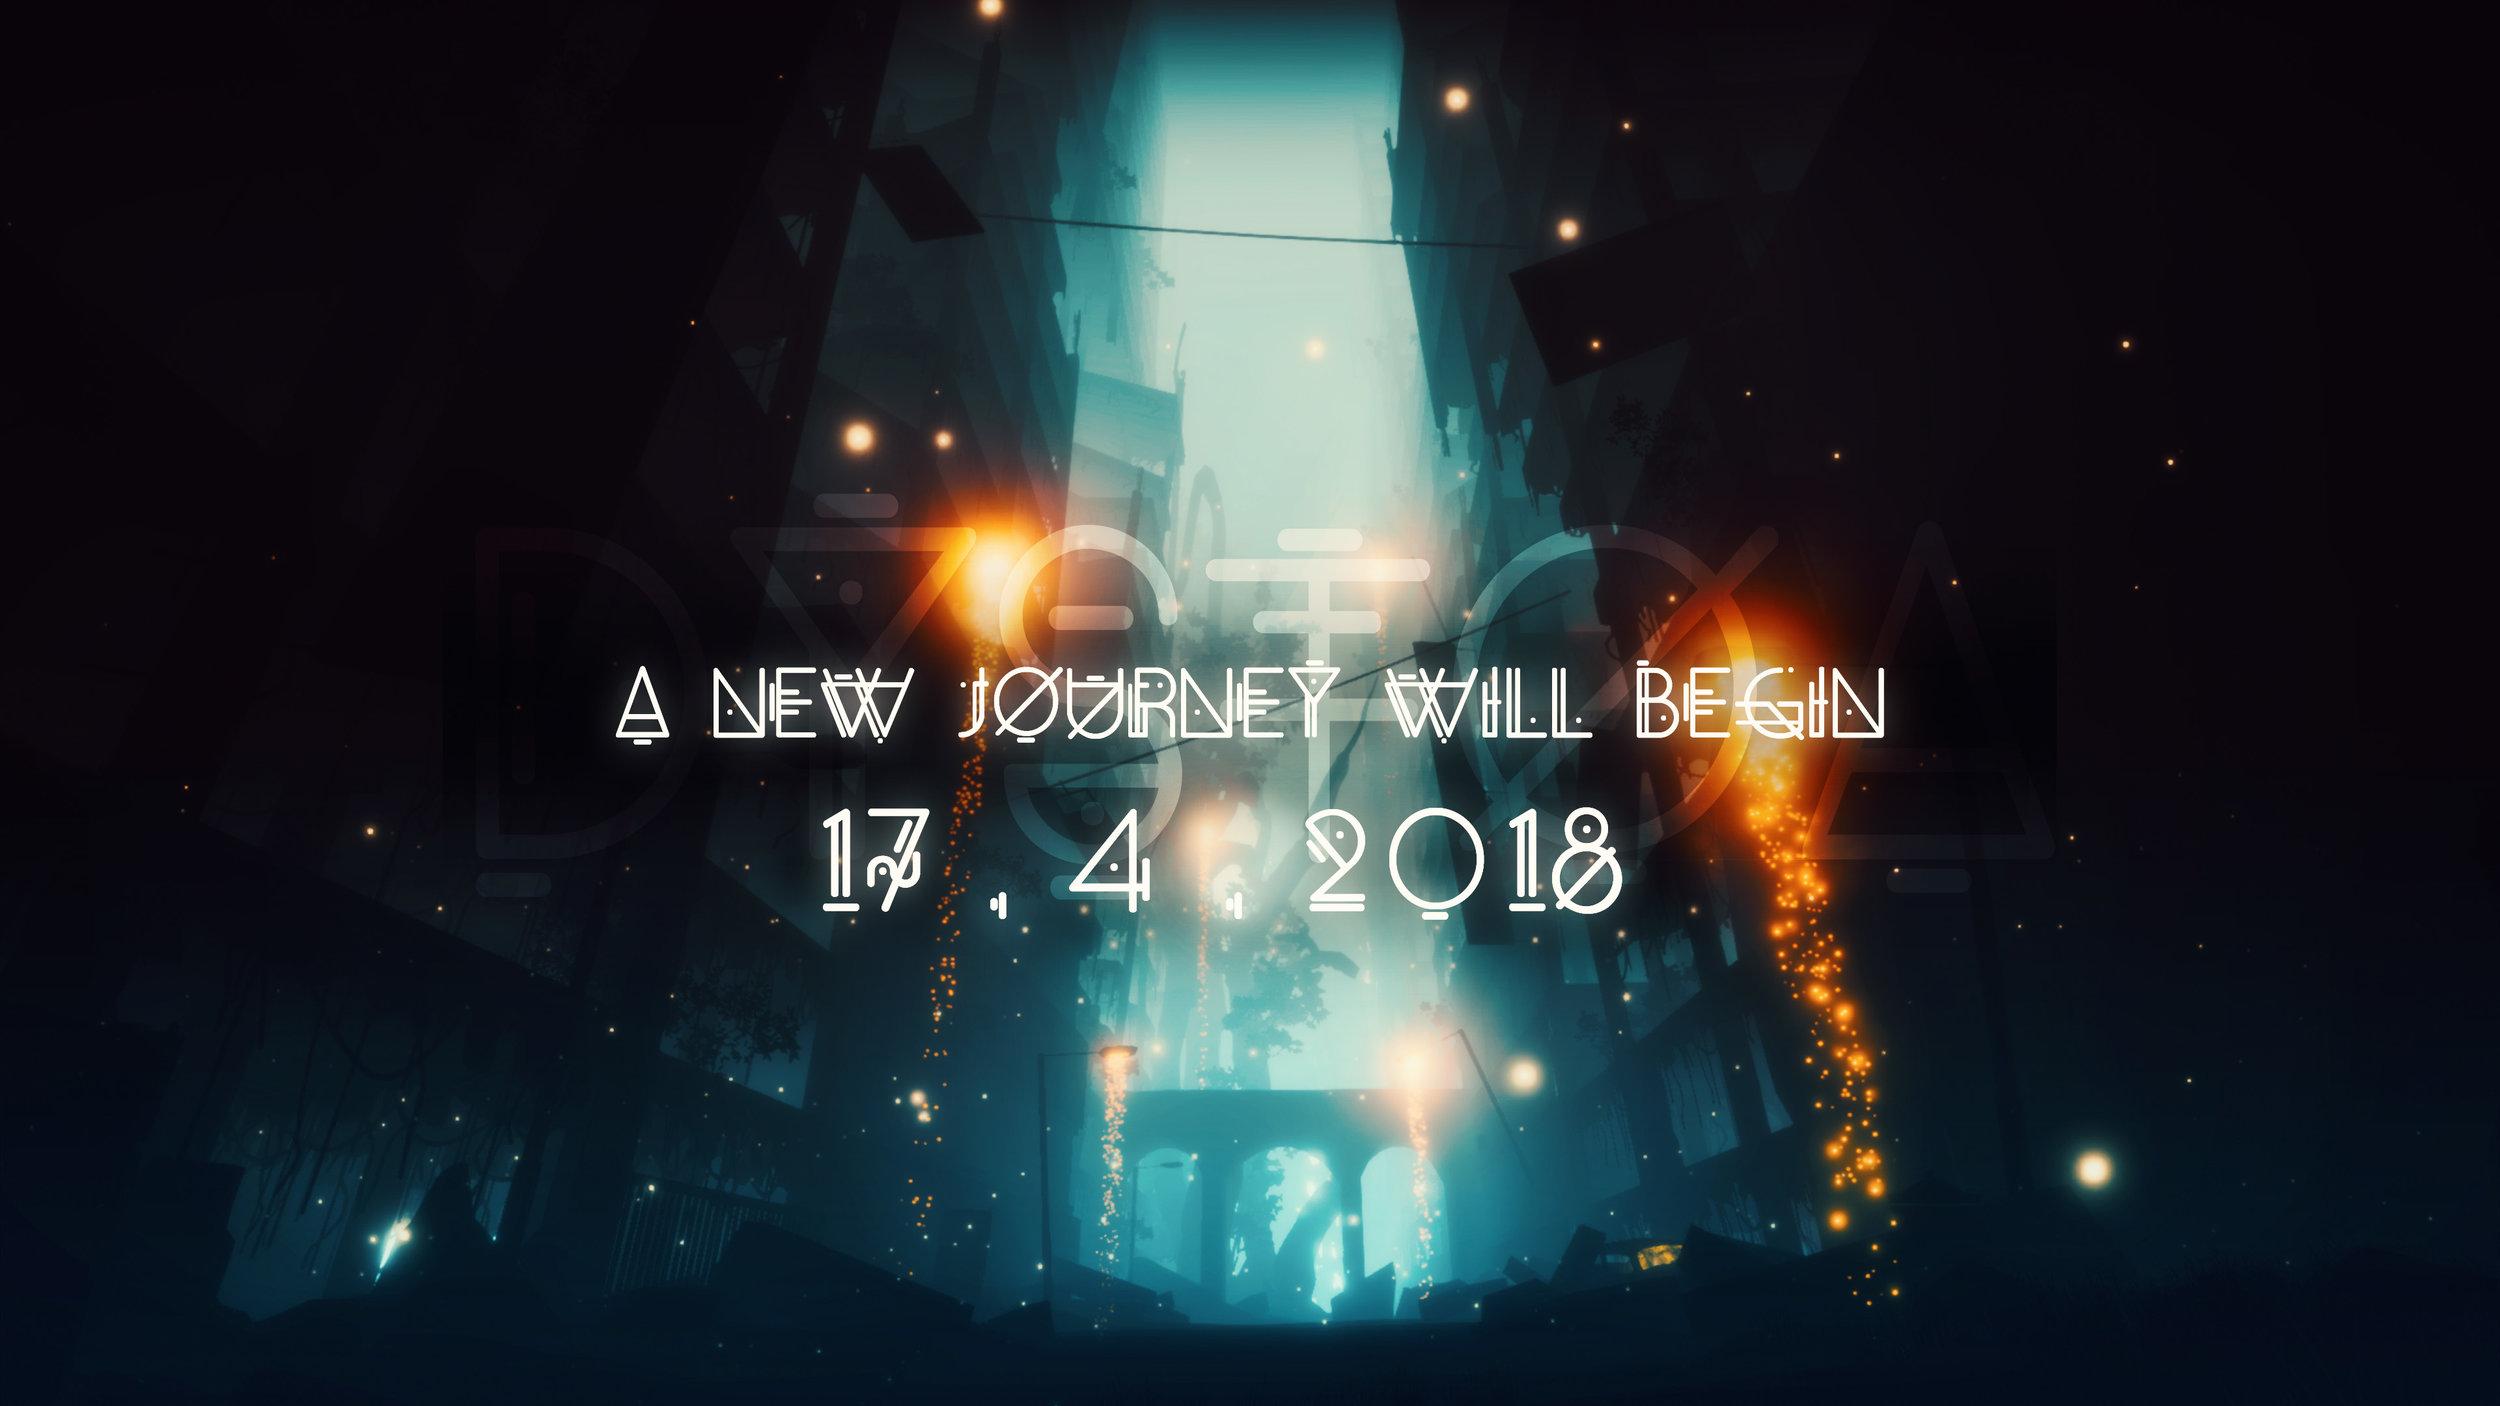 promo teaser date 1b.jpg